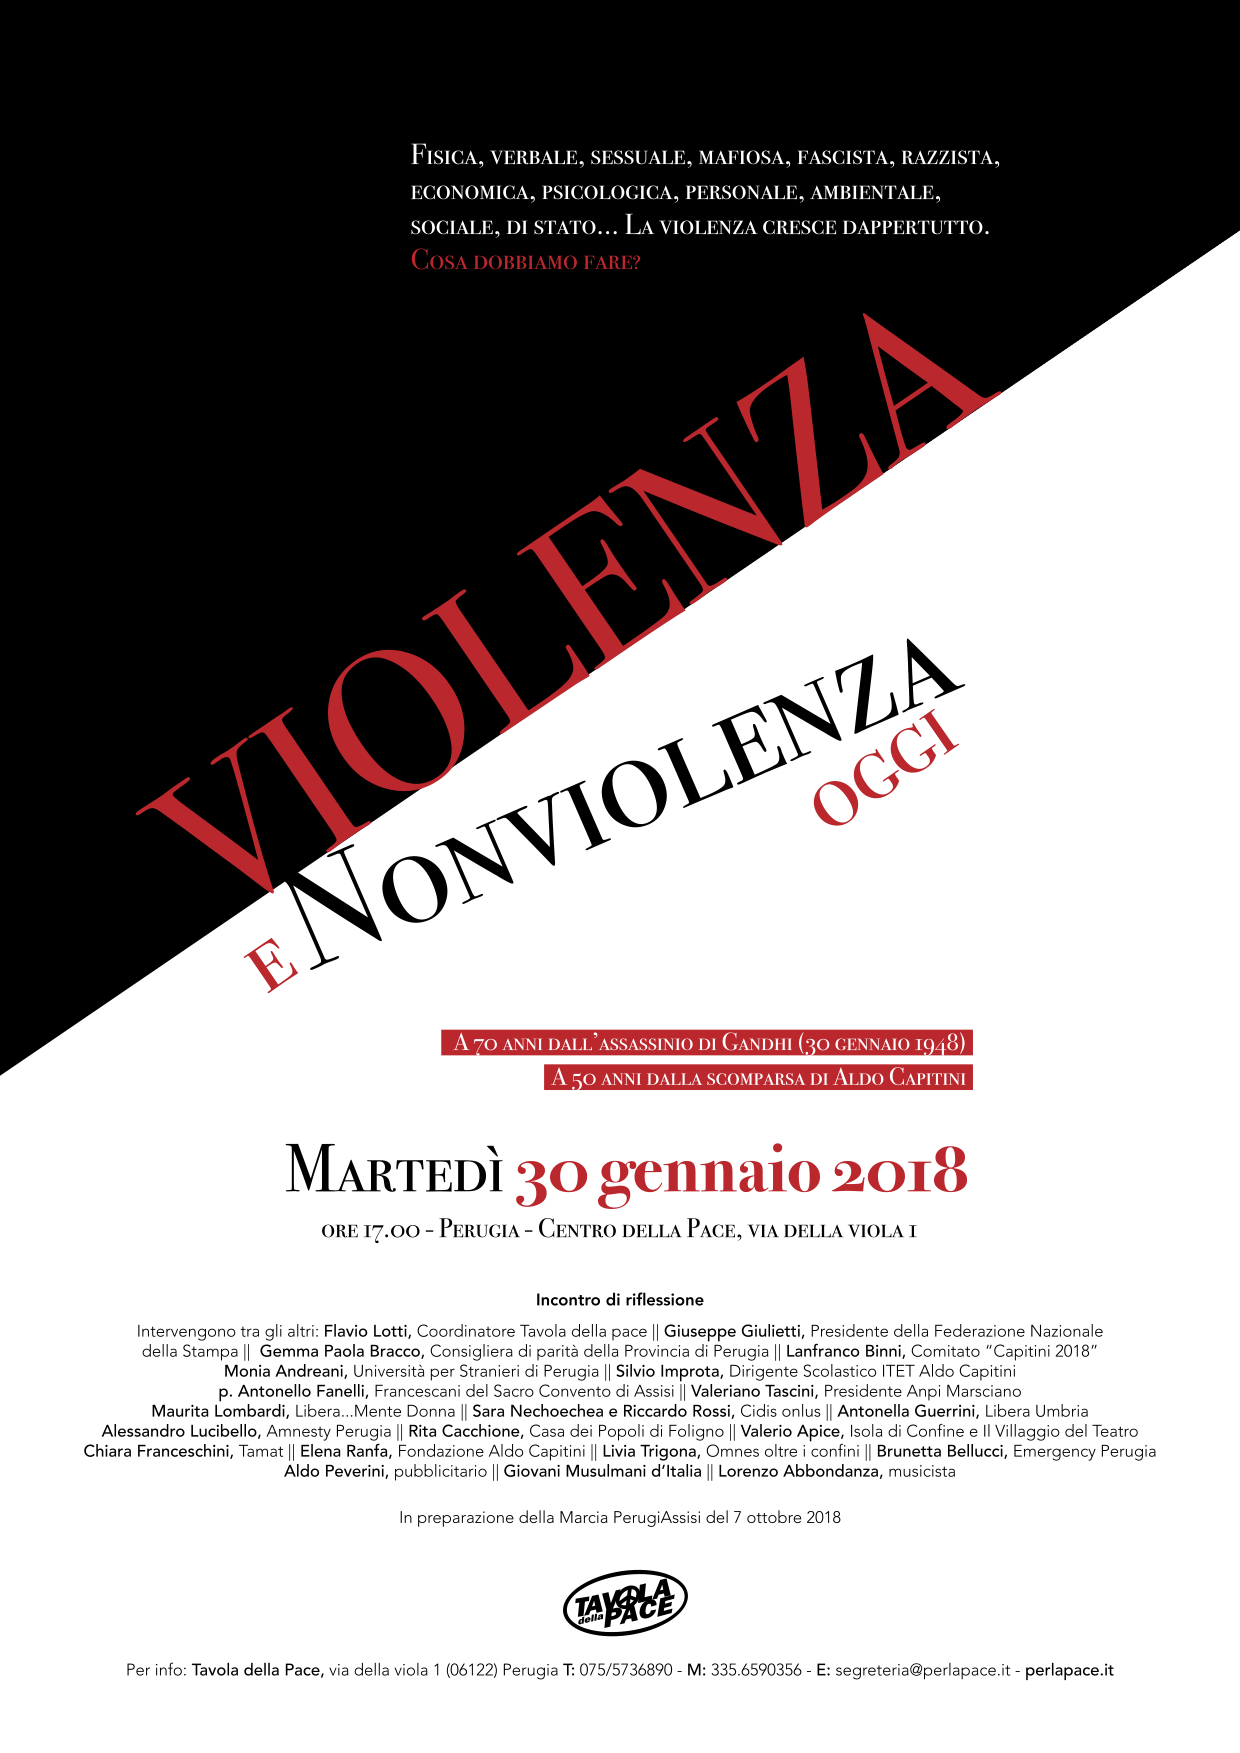 violenza&nonviolenzadedef